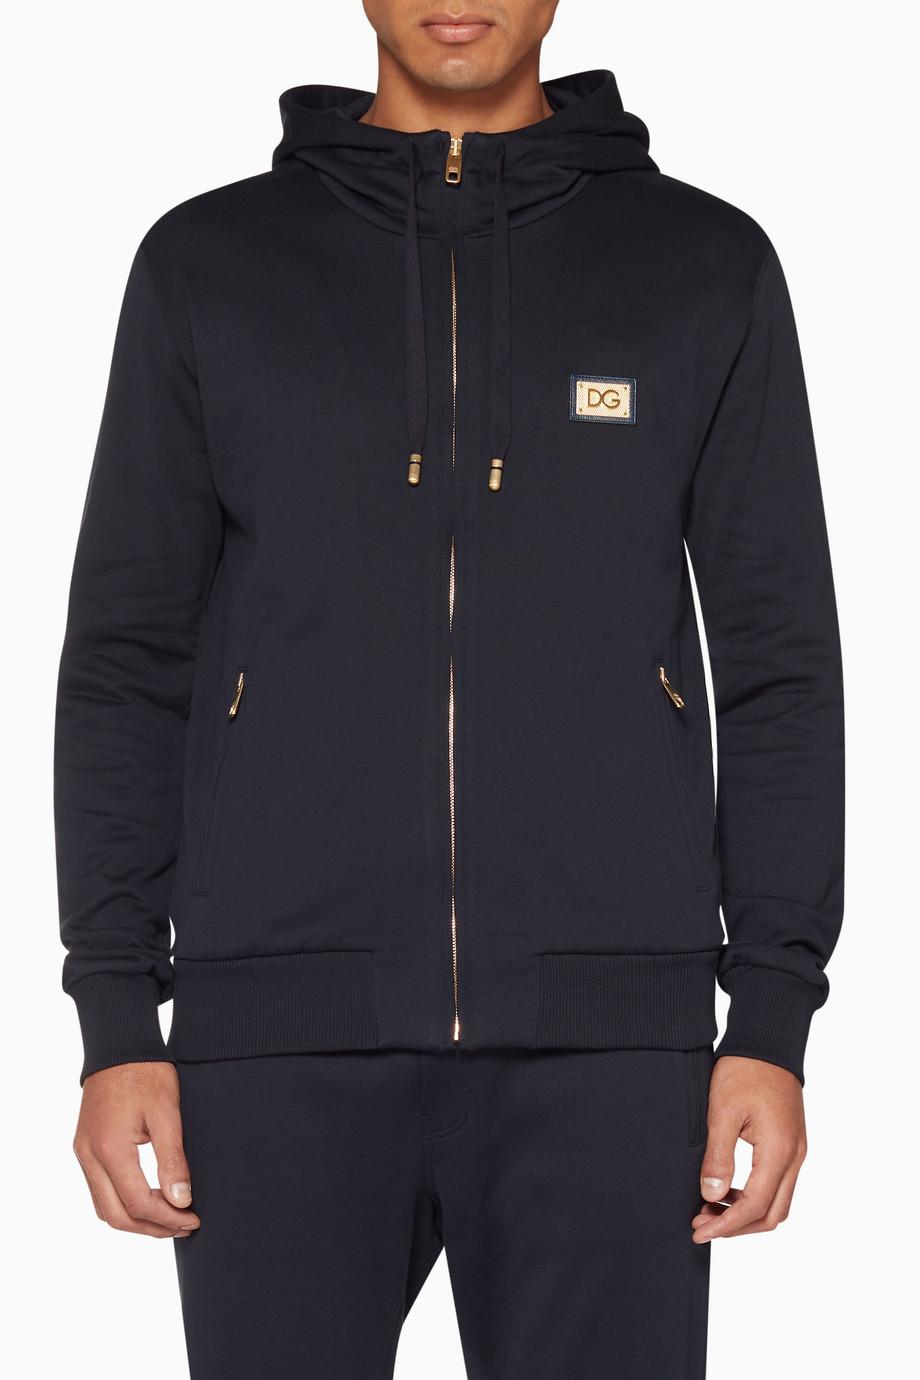 85a41bd5442 Shop Dolce & Gabbana Blue Dark Blue Hooded Zip Up Sweatshirt for Men ...